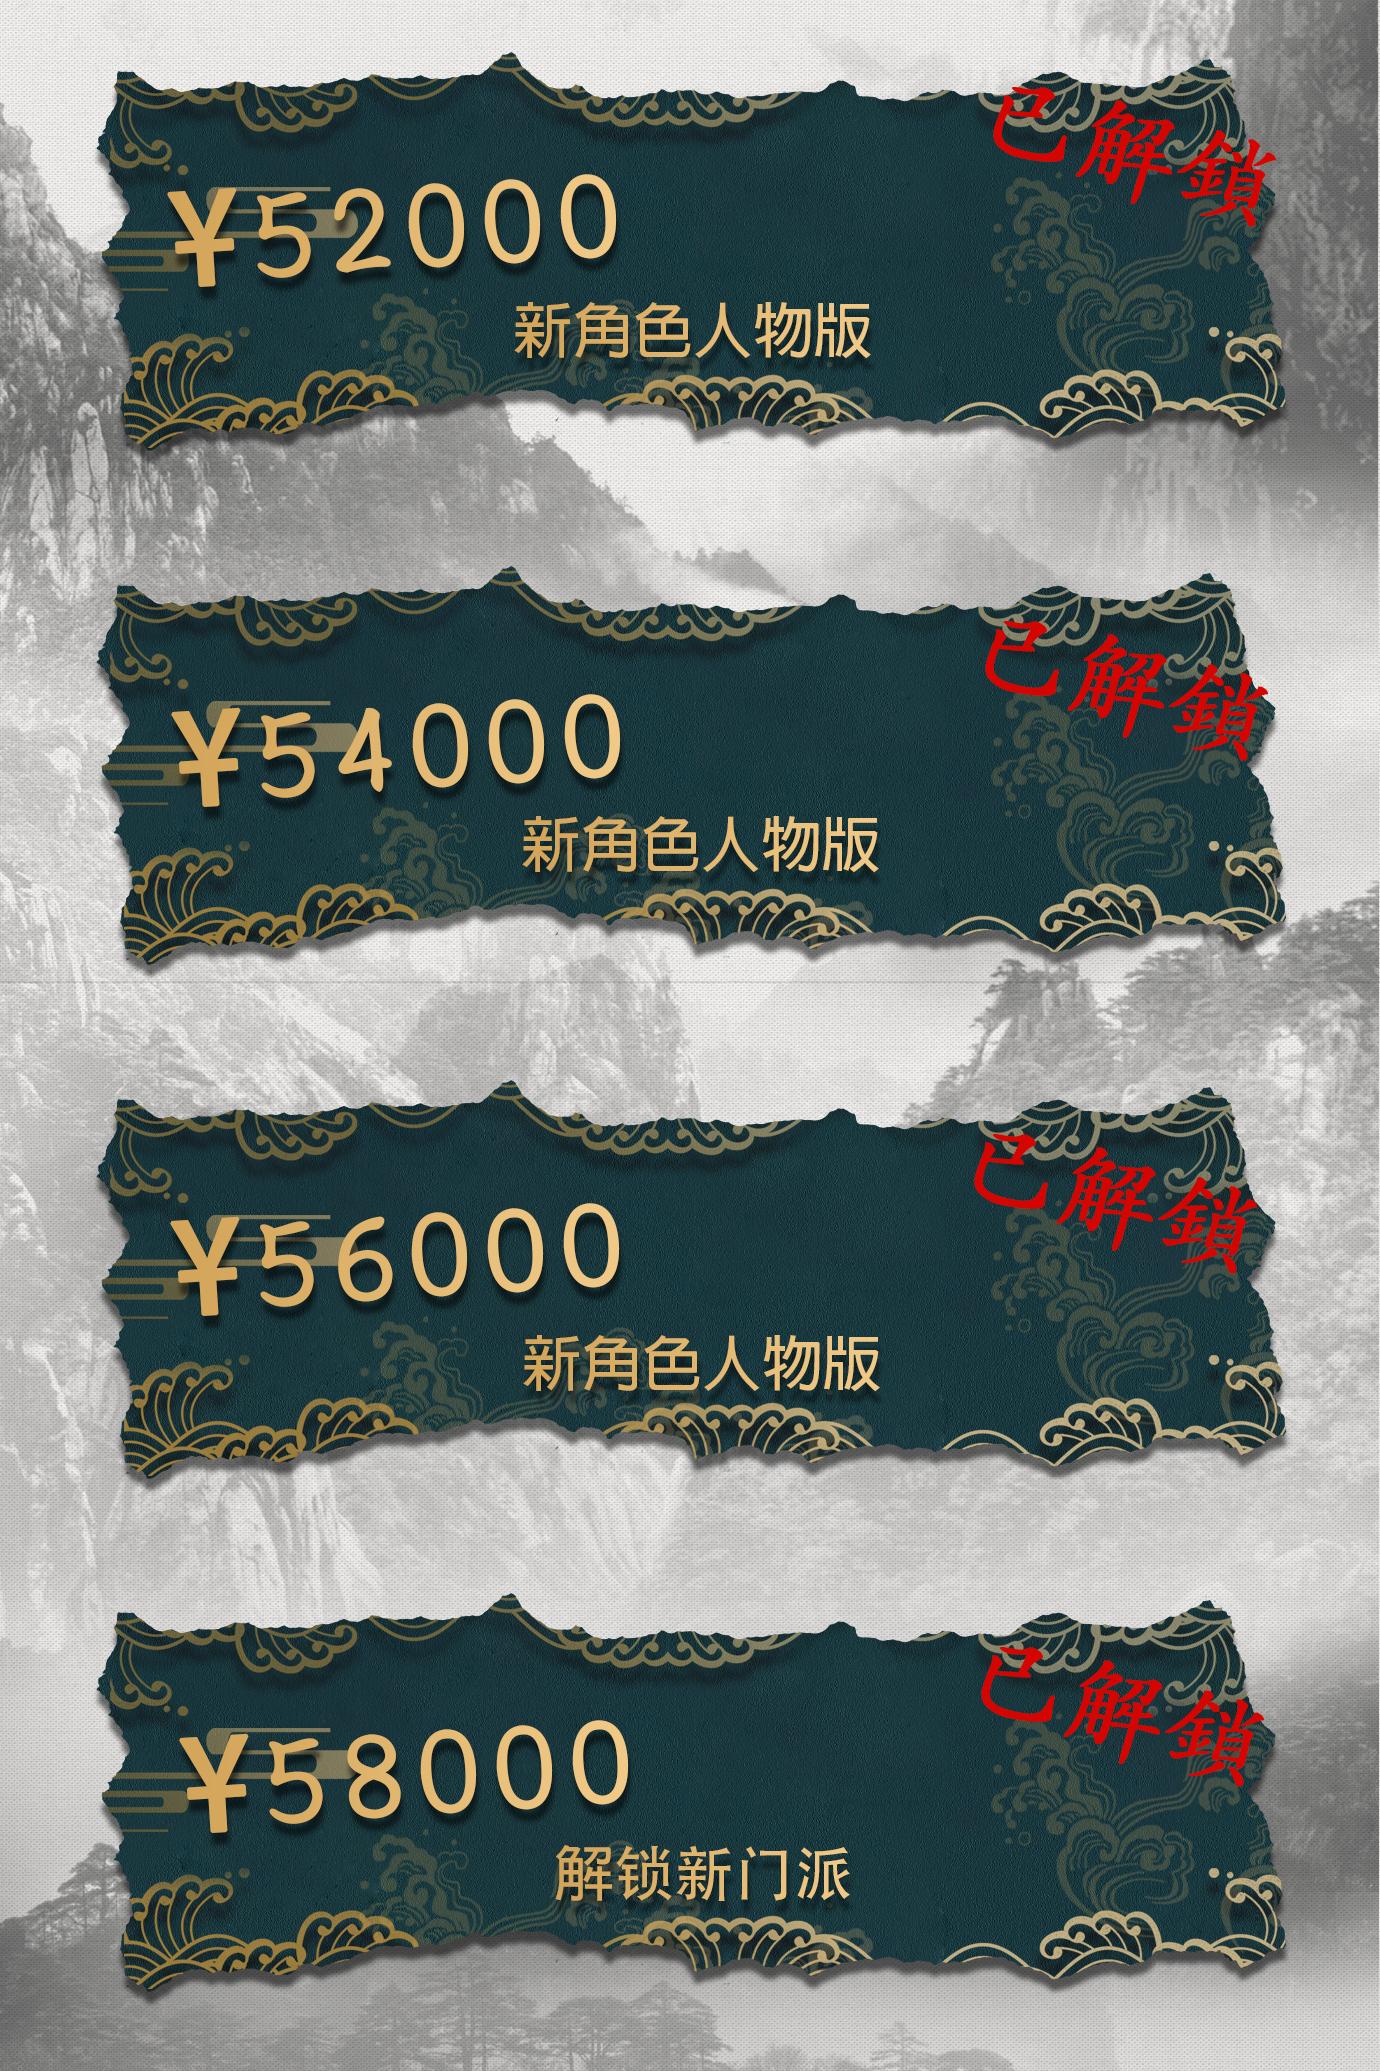 武林风云录众筹解锁.jpg